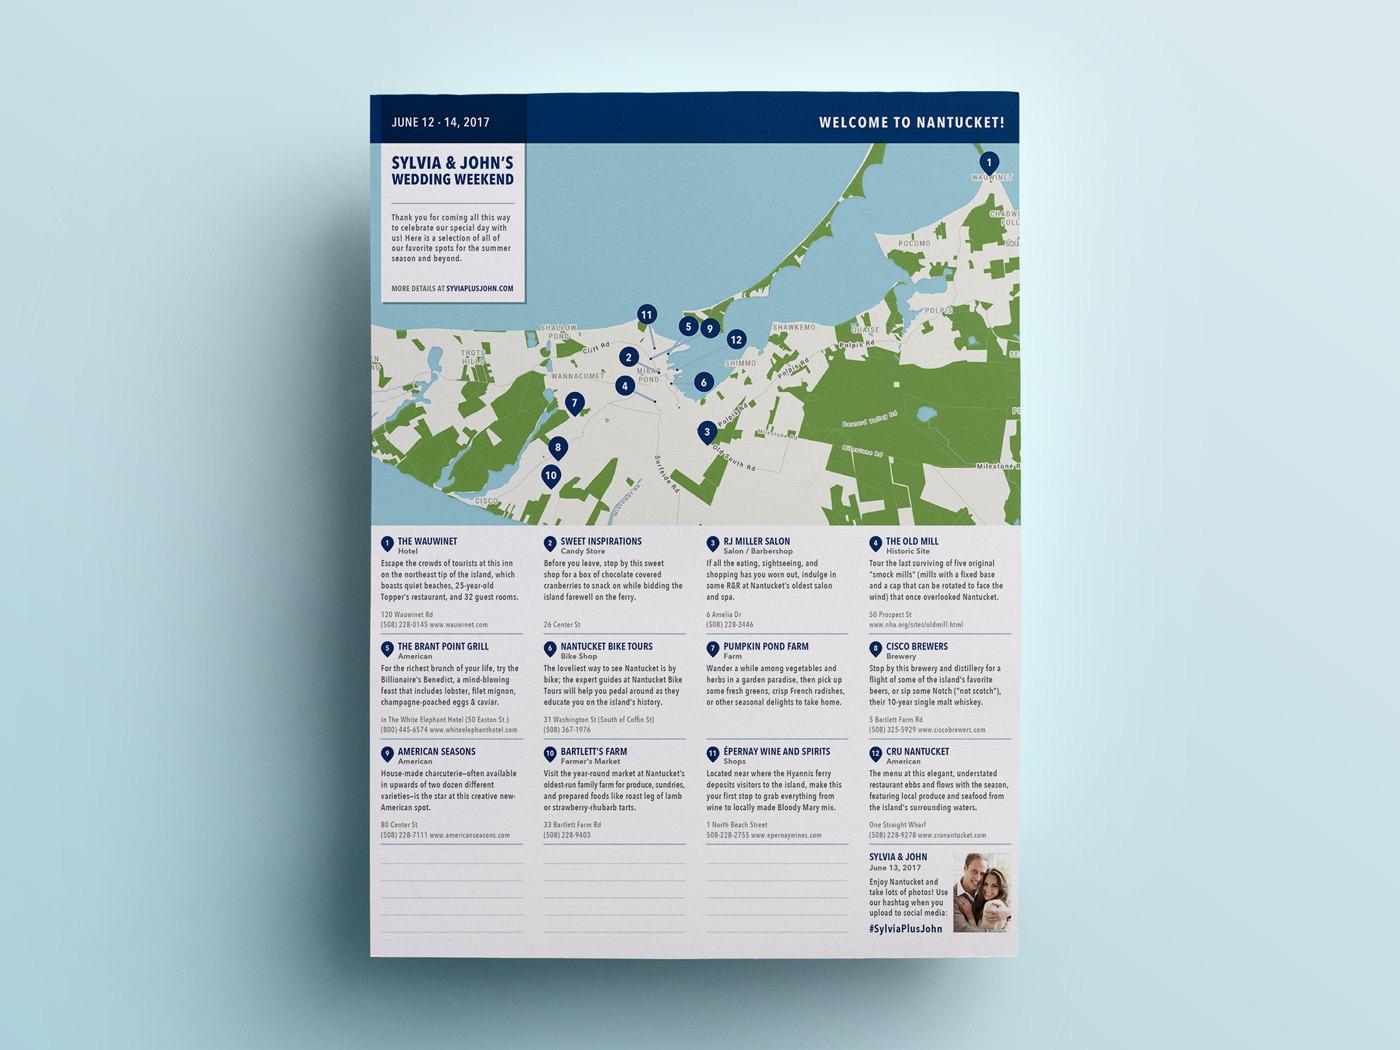 Wedding Weekend Pocket City Guide Welcome Program - Custom DIY Printable